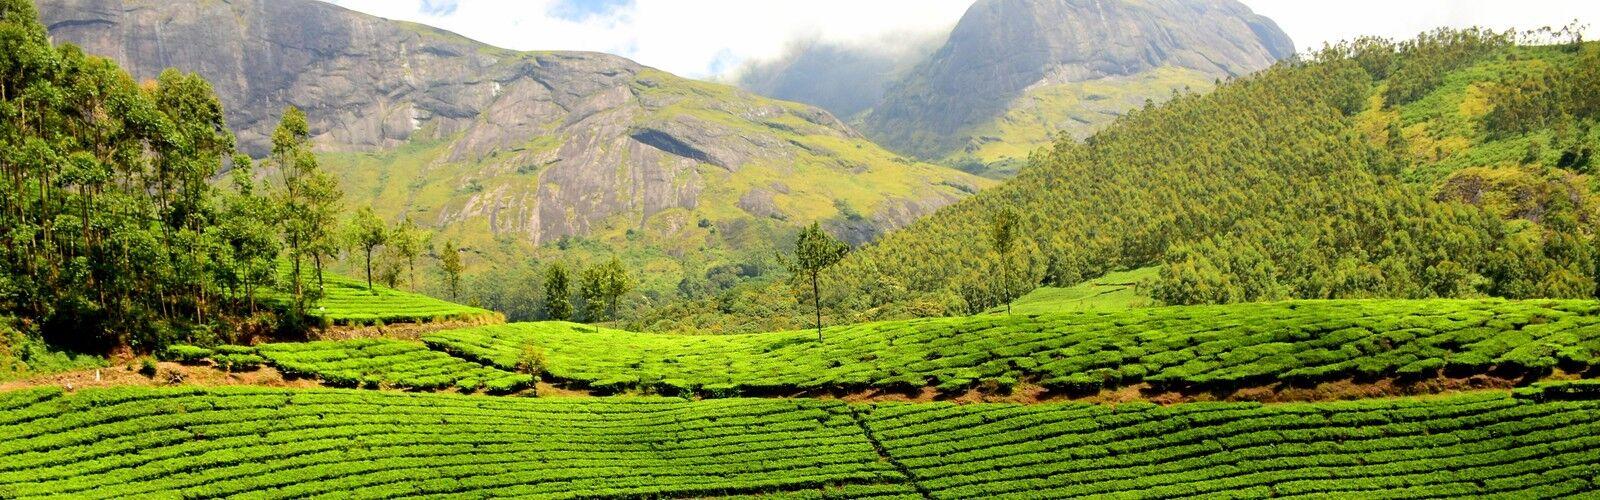 Tea Cleanse - Loose Leaf Teas